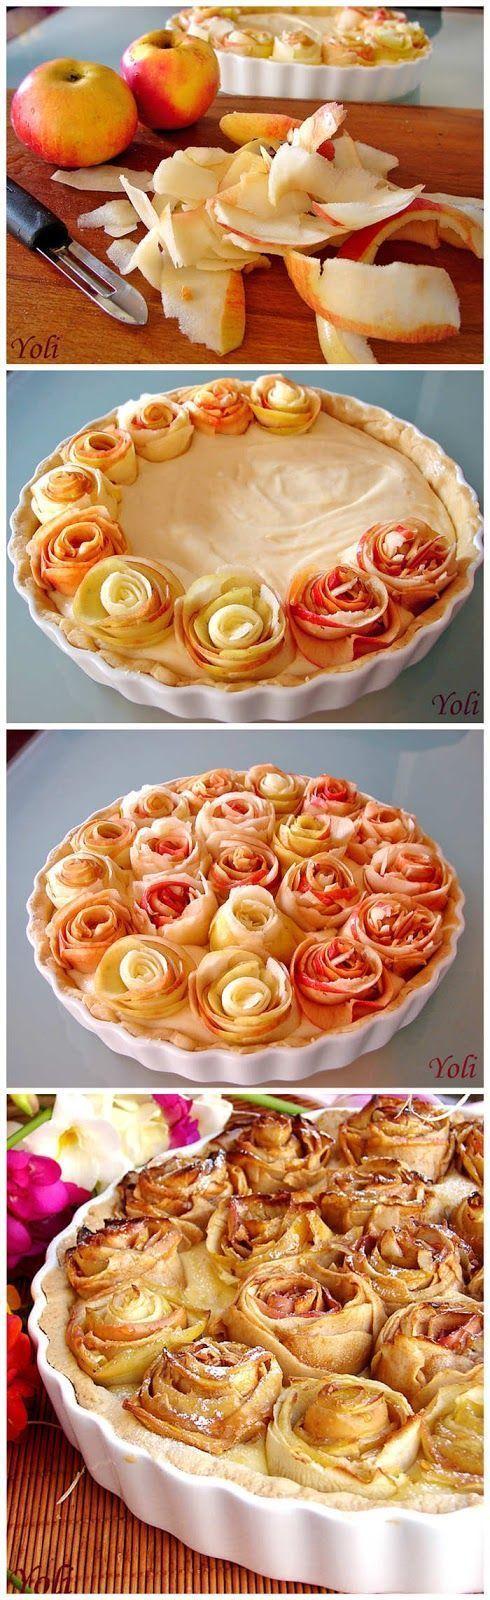 リンゴの一番ロマンティックな食べ方♡バラの形のアップルパイを作ろう♪にて紹介している画像